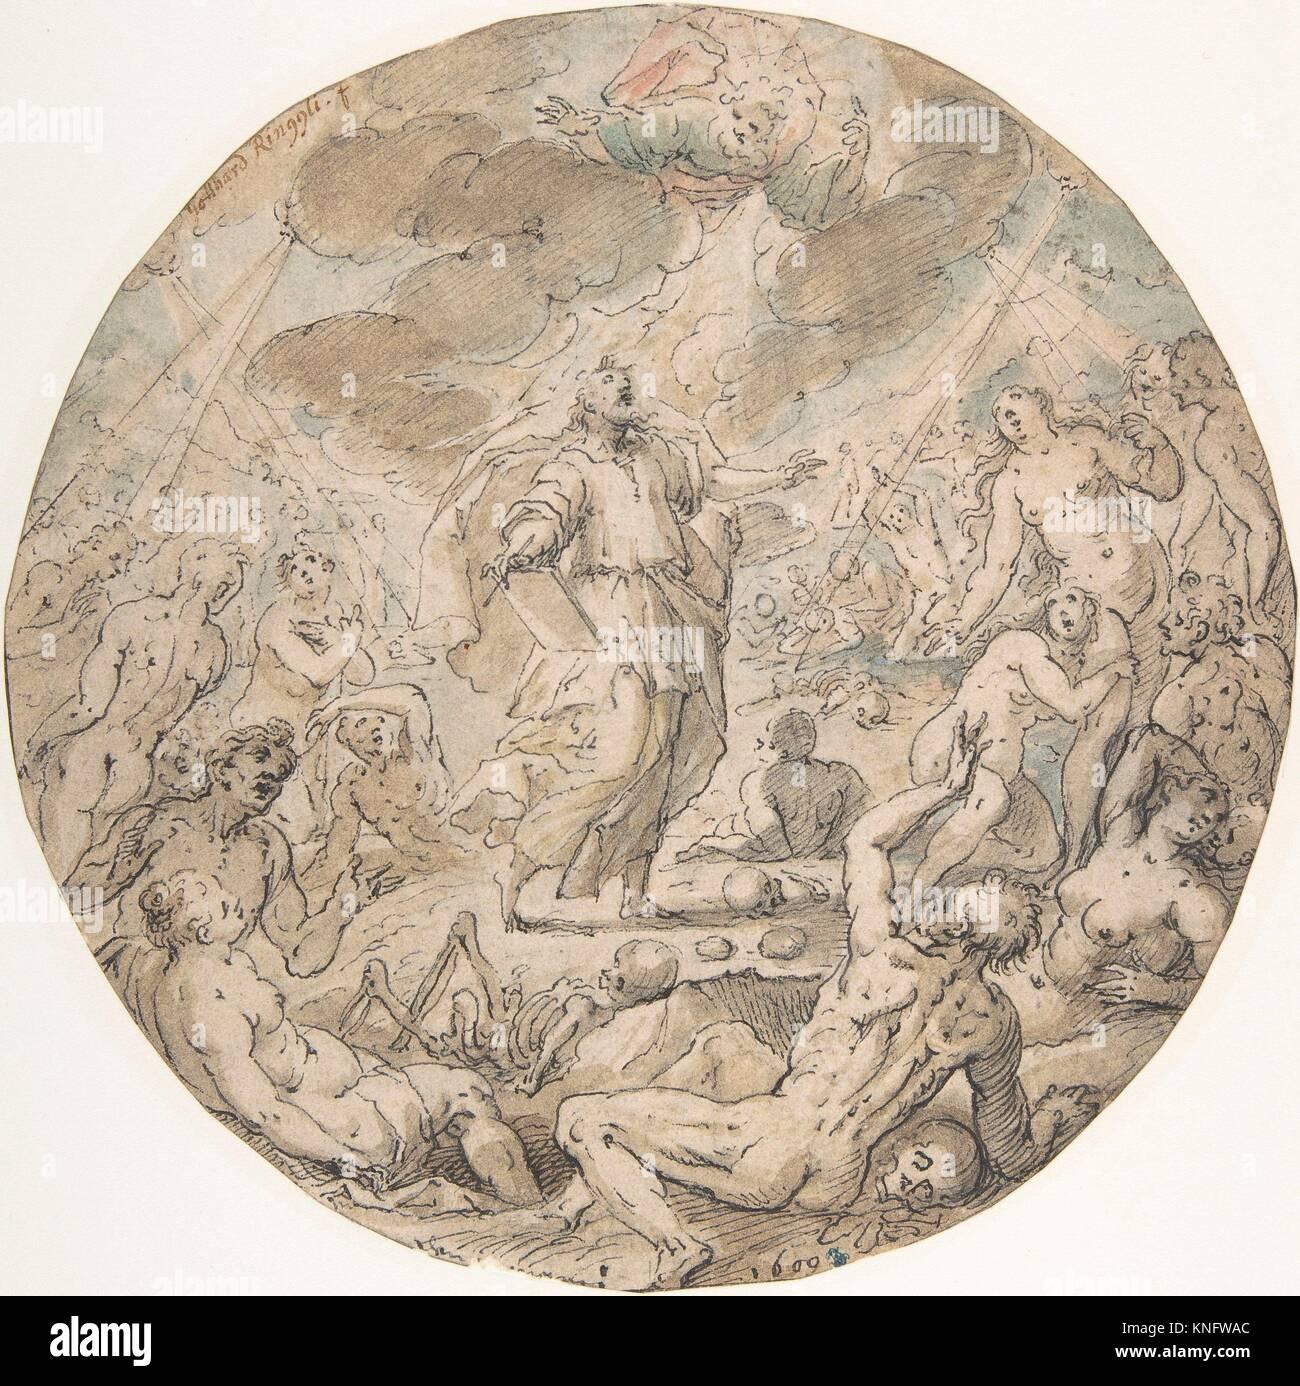 Ezekiel in the Valley of the Dry Bones. Artist: Georg Pecham (German, Munich ca. 1568-1604 Munich); Former Attribution: - Stock Image